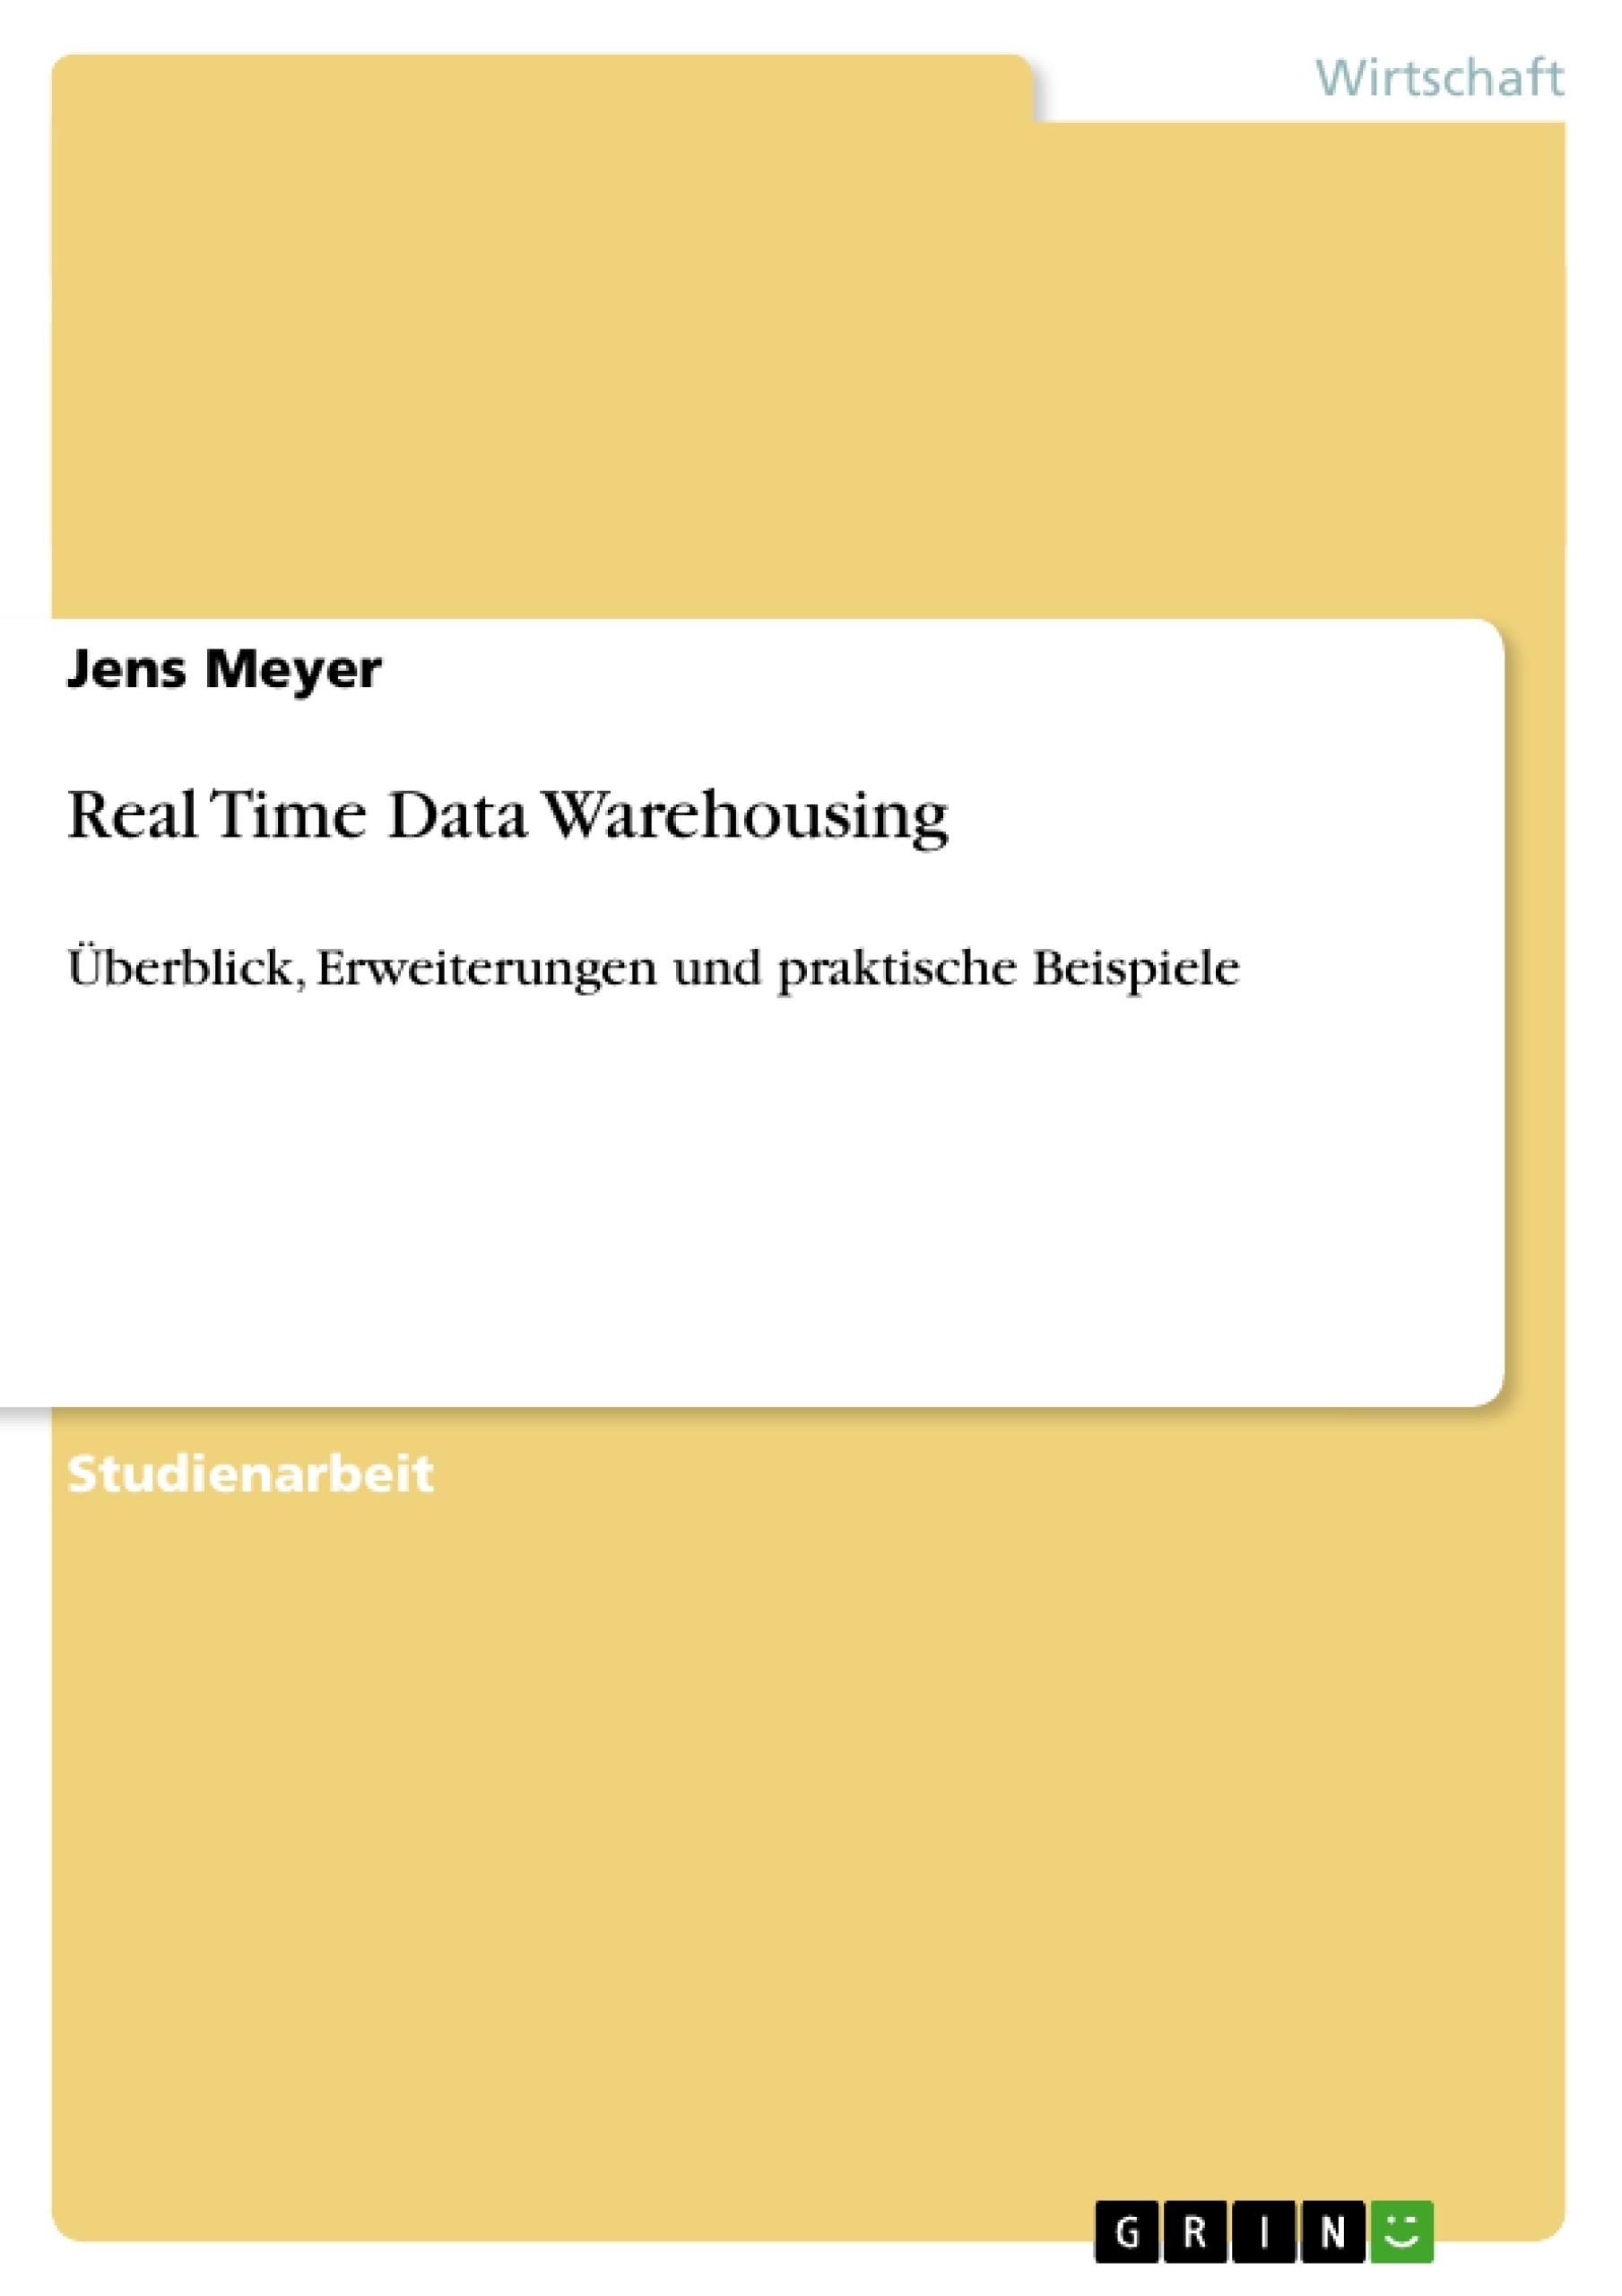 Titel: Real Time Data Warehousing